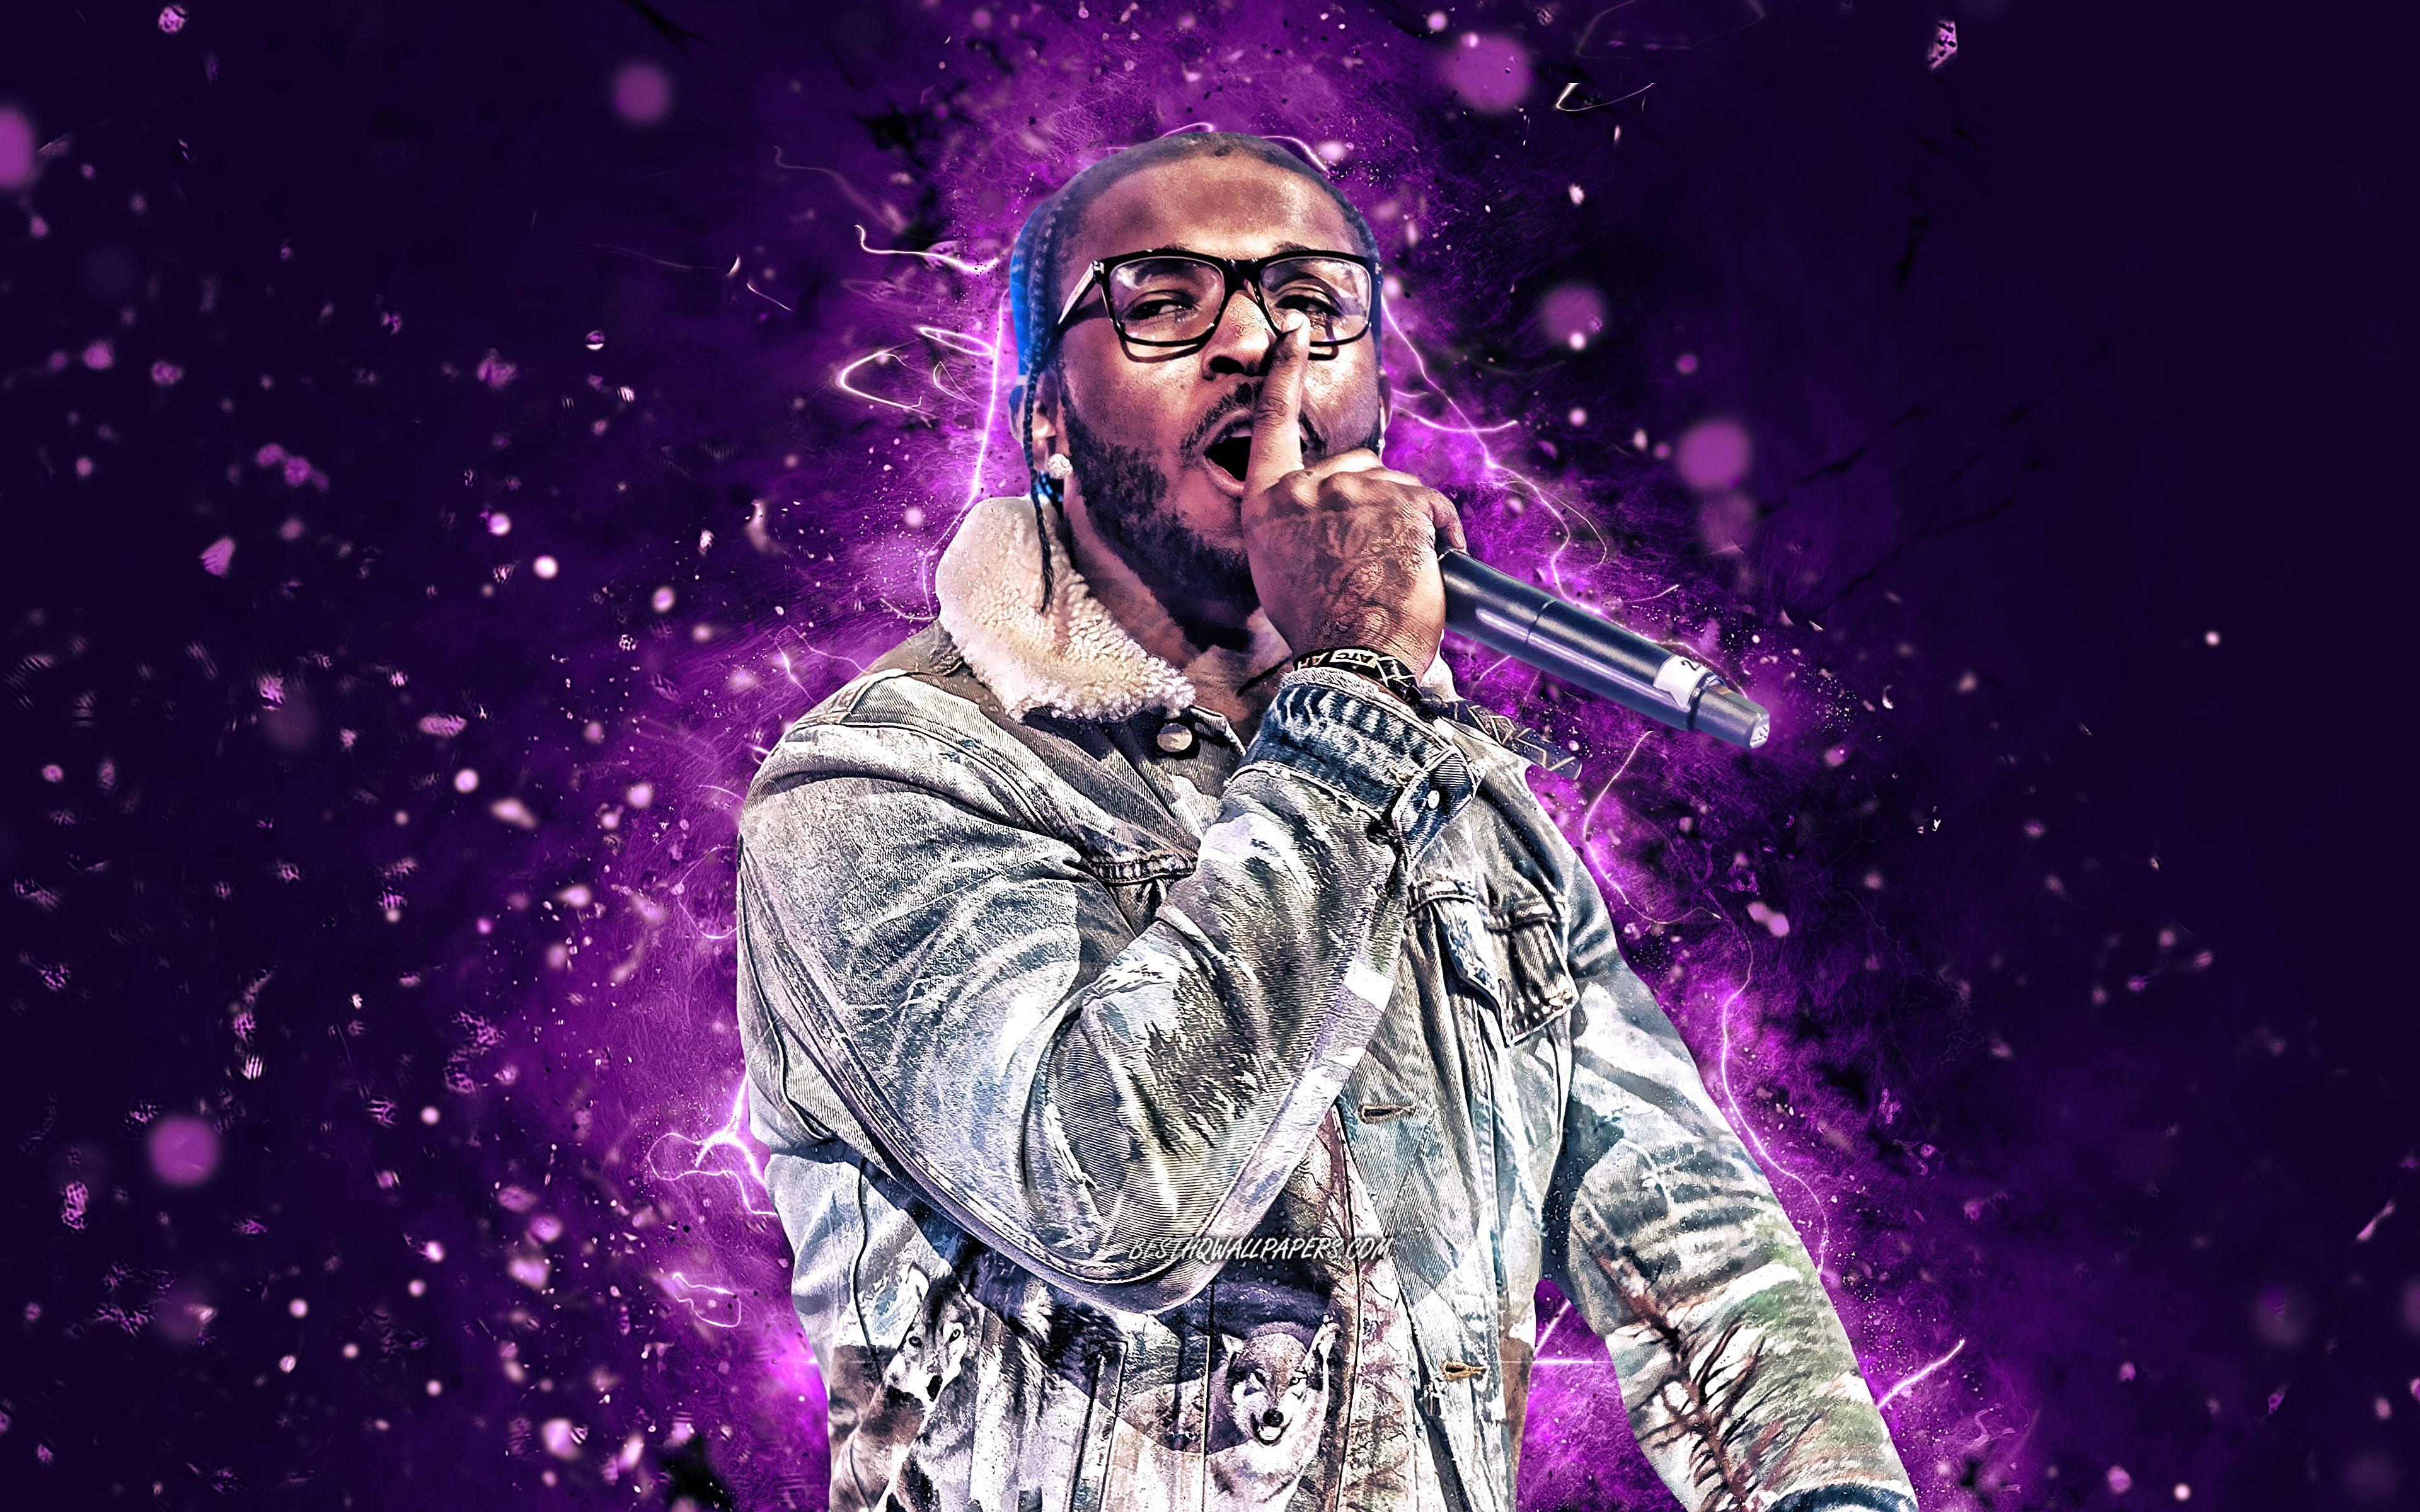 3840x2400 Tải xuống hình nền Pop Smoke, 2020, 4k, đèn neon tím, rapper người Mỹ, ngôi sao âm nhạc, Pop Smoke với micrô, Bashar Barakah Jackson, người nổi tiếng người Mỹ, Pop Smoke 4K cho máy tính để bàn với độ phân giải 3840x2400.  Chất lượng cao